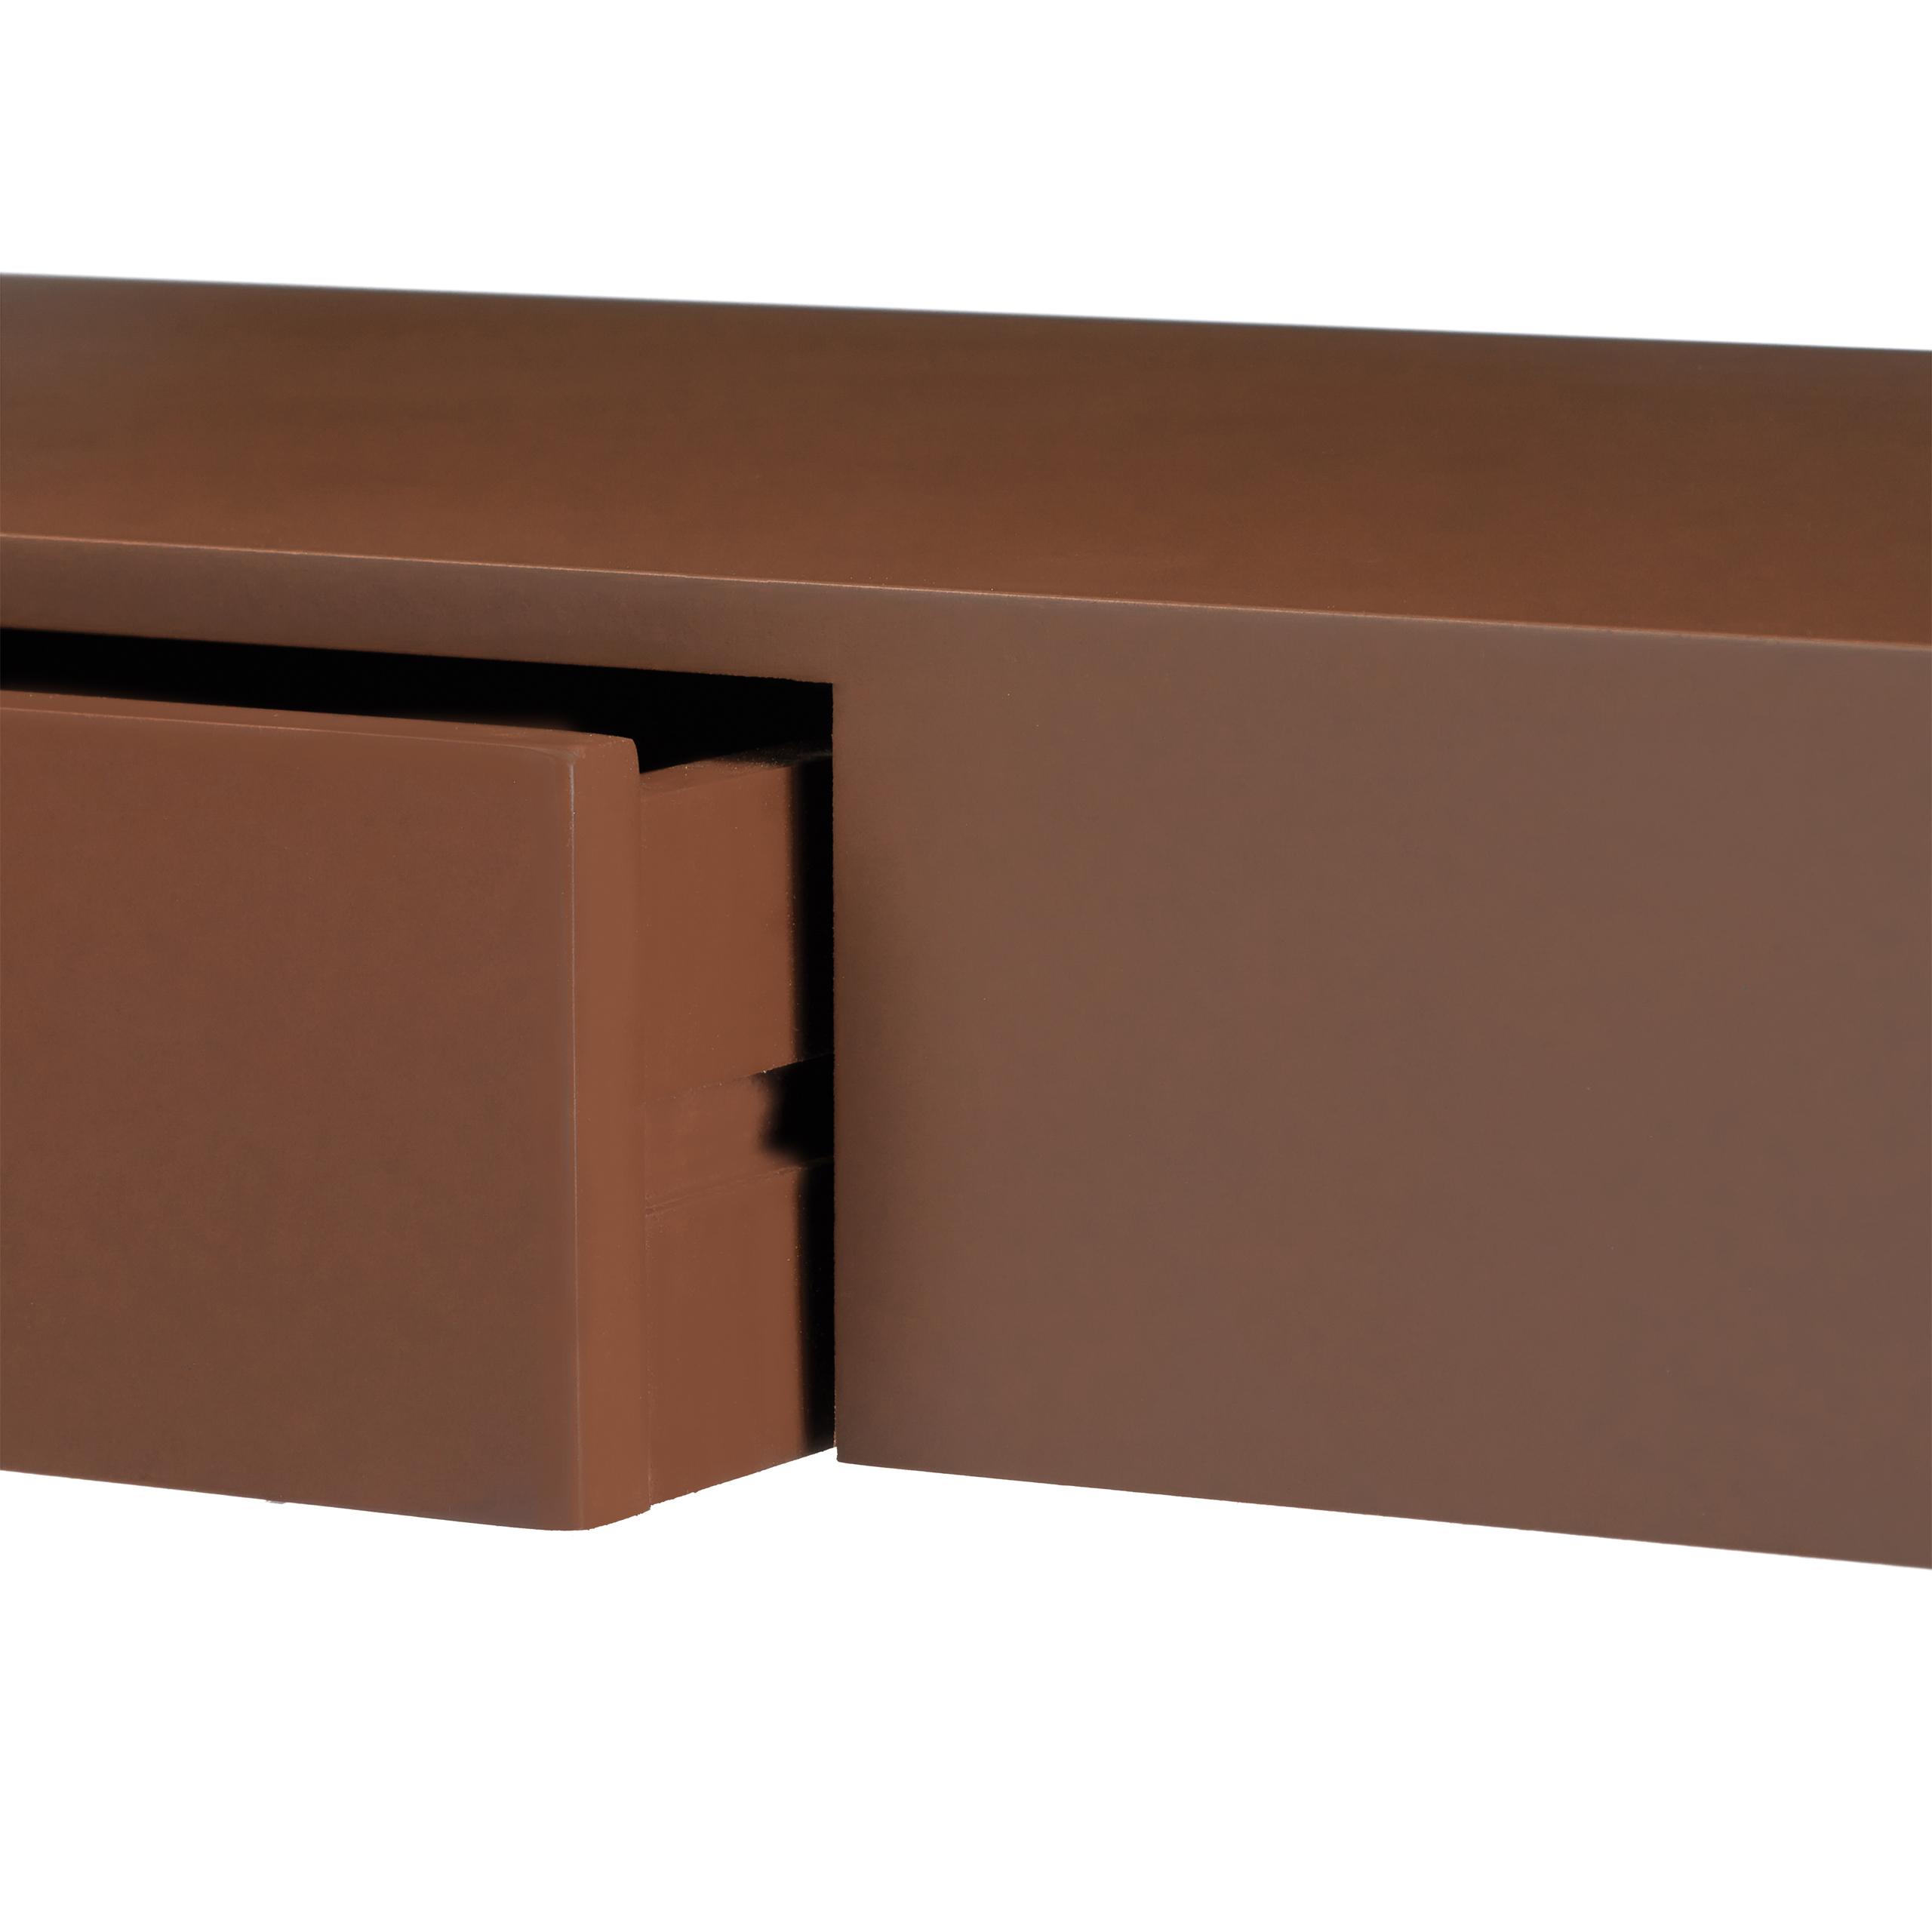 Wandregal-mit-Schublade-freischwebend-Design-Deko-Wohnzimmer-modern-Ablage Indexbild 10